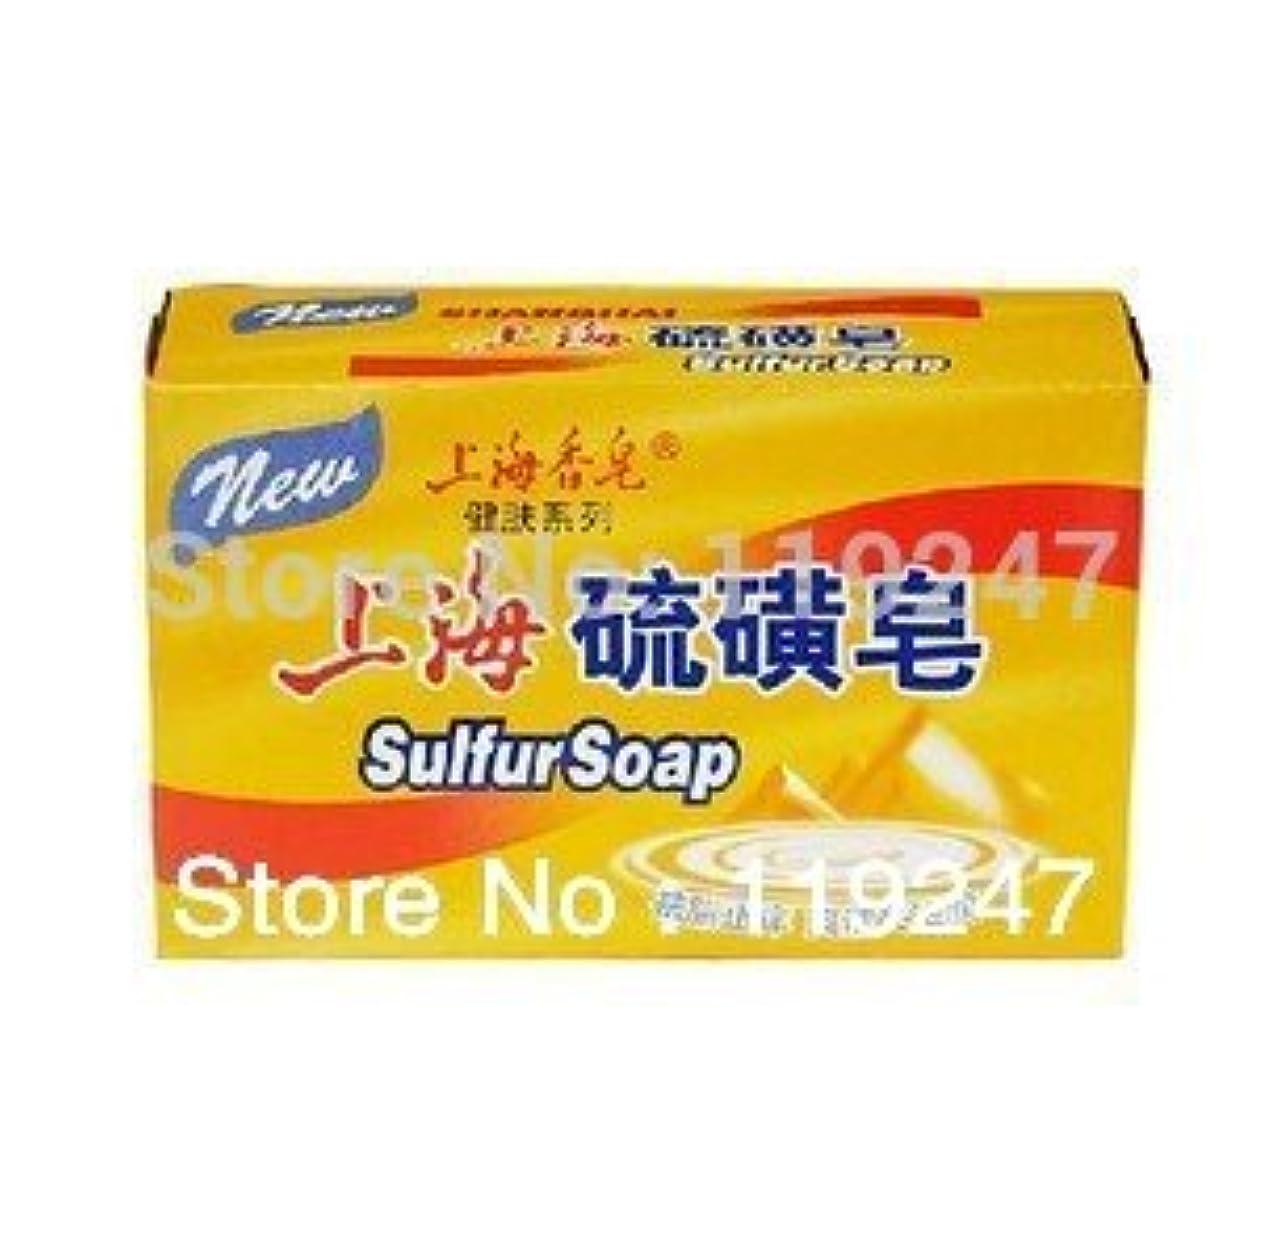 チーター微弱フローティングLorny (TM) 上海硫黄石鹸アンチ菌ダニ、ストップかゆみ125グラム格安 [並行輸入品]